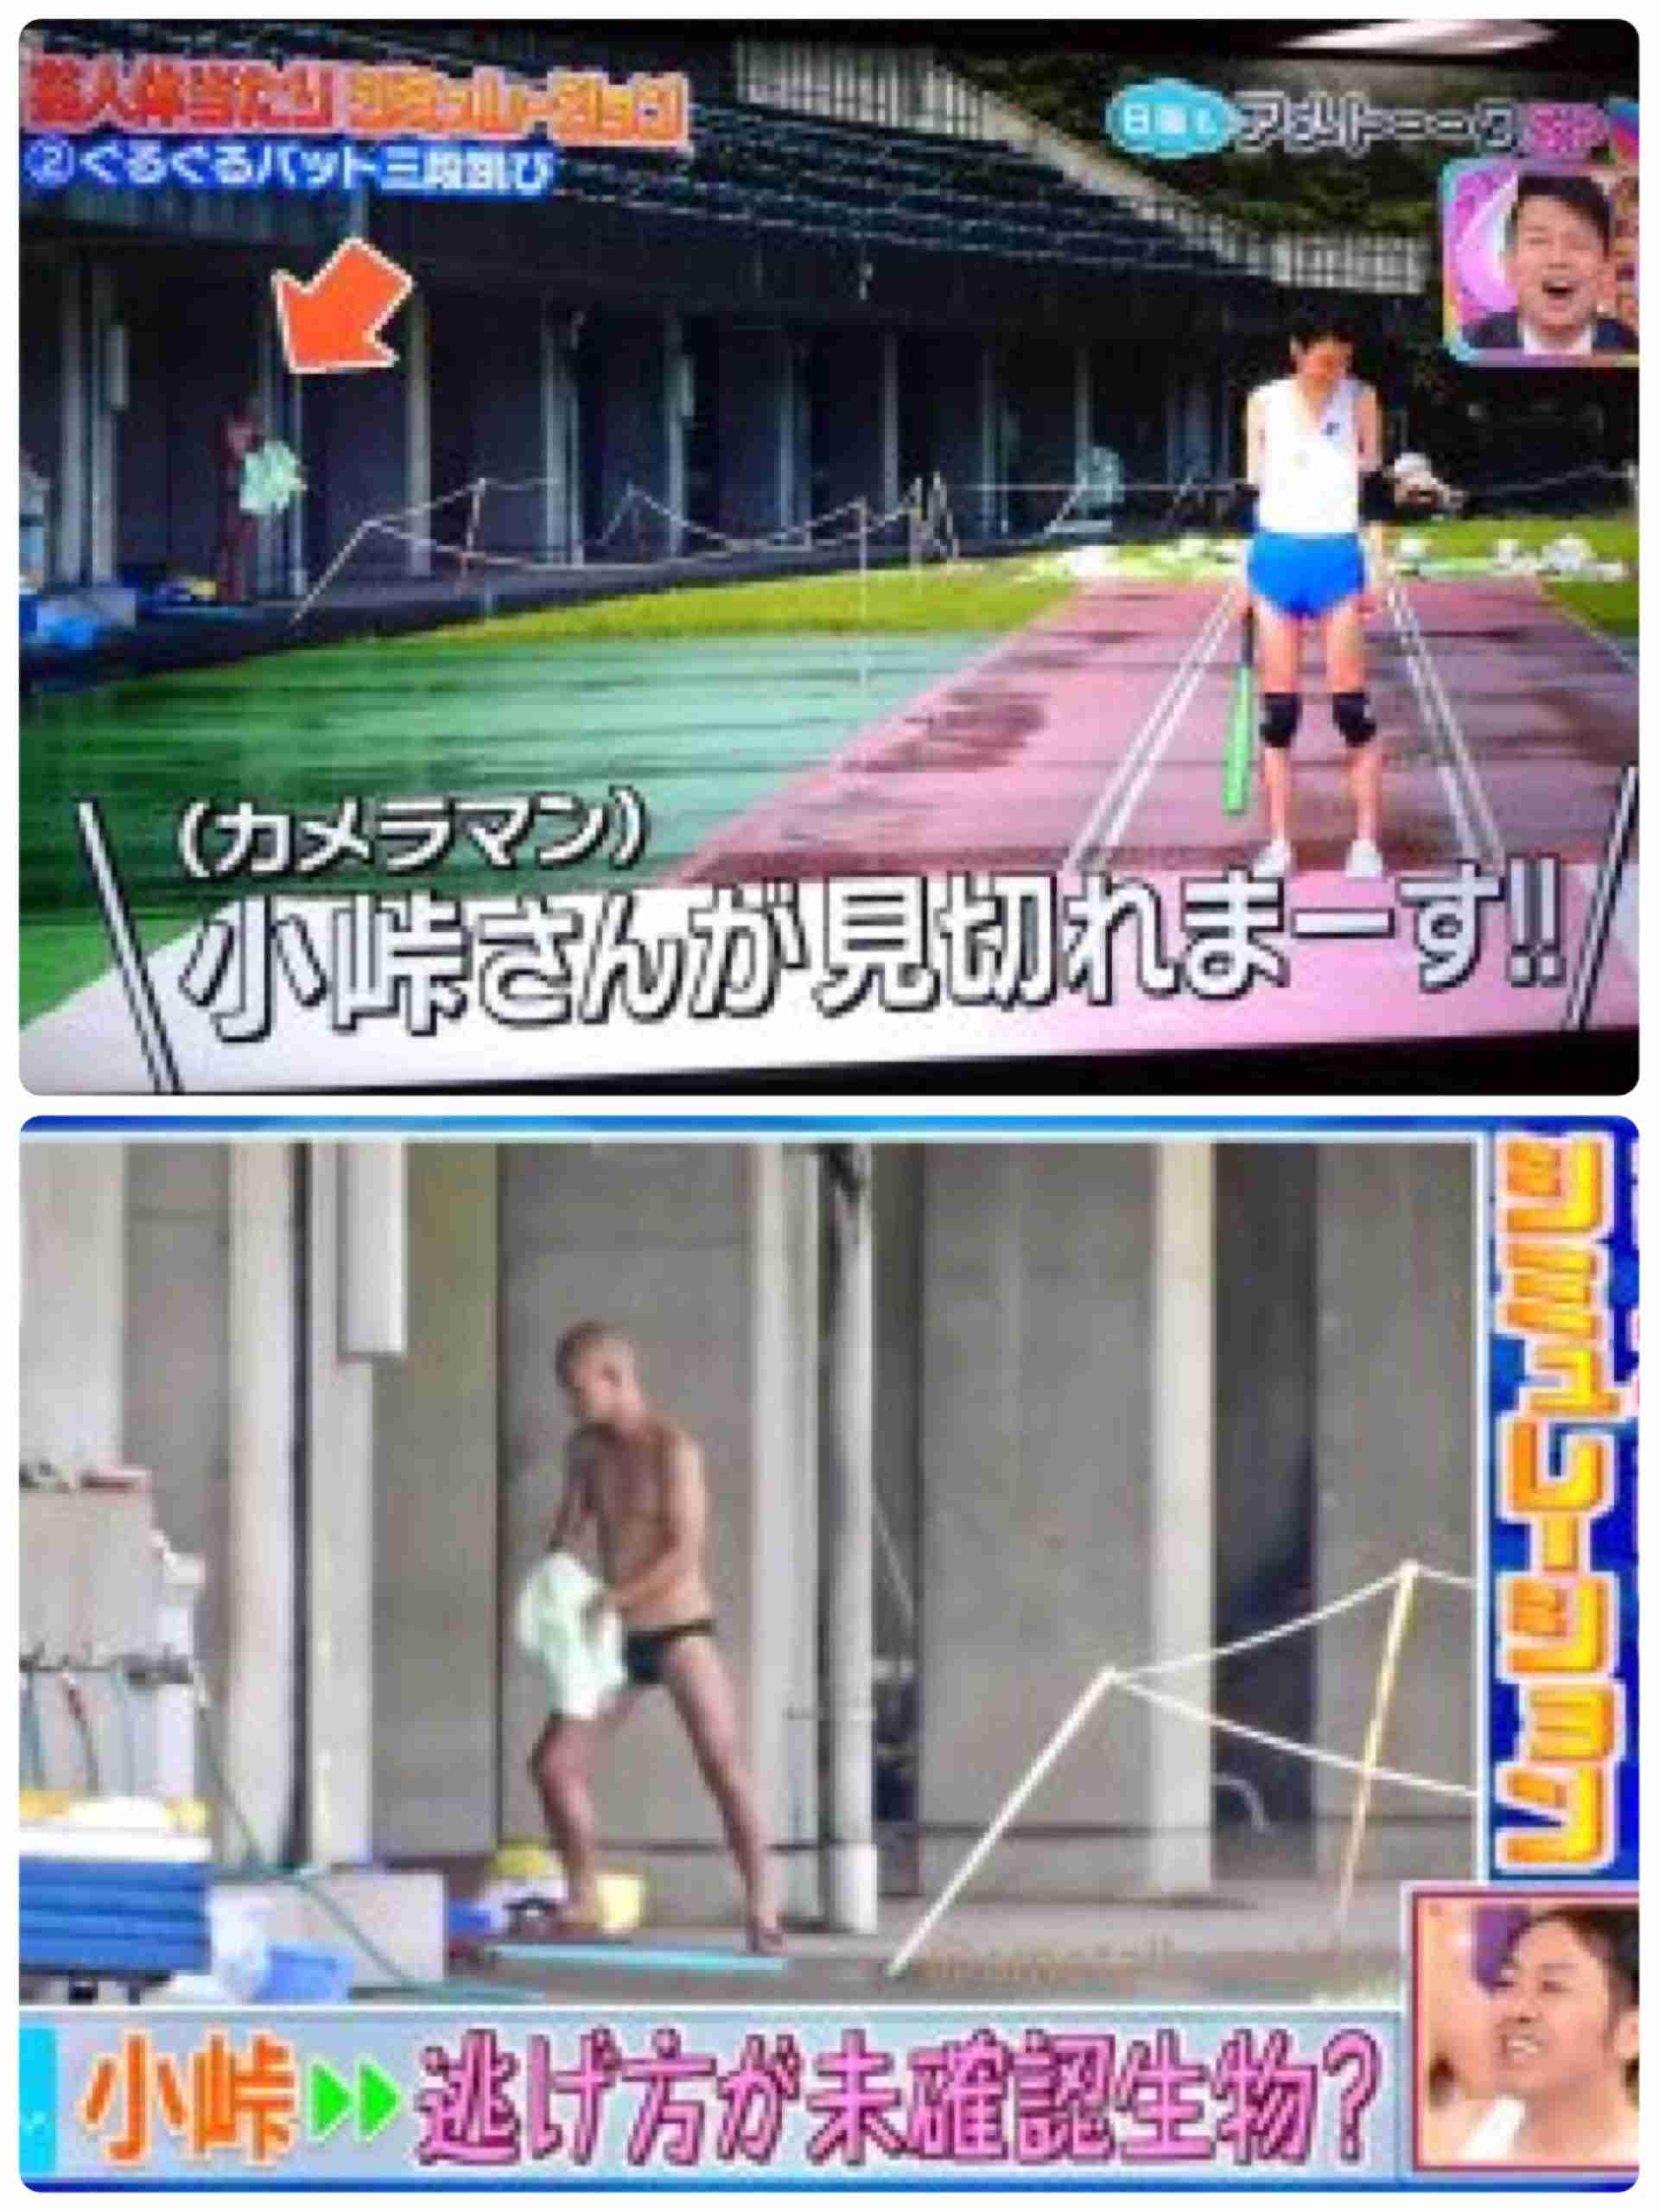 バイきんぐ小峠英二 婚活サイトに登録「本気です」 坂口杏里との破局から約1年半